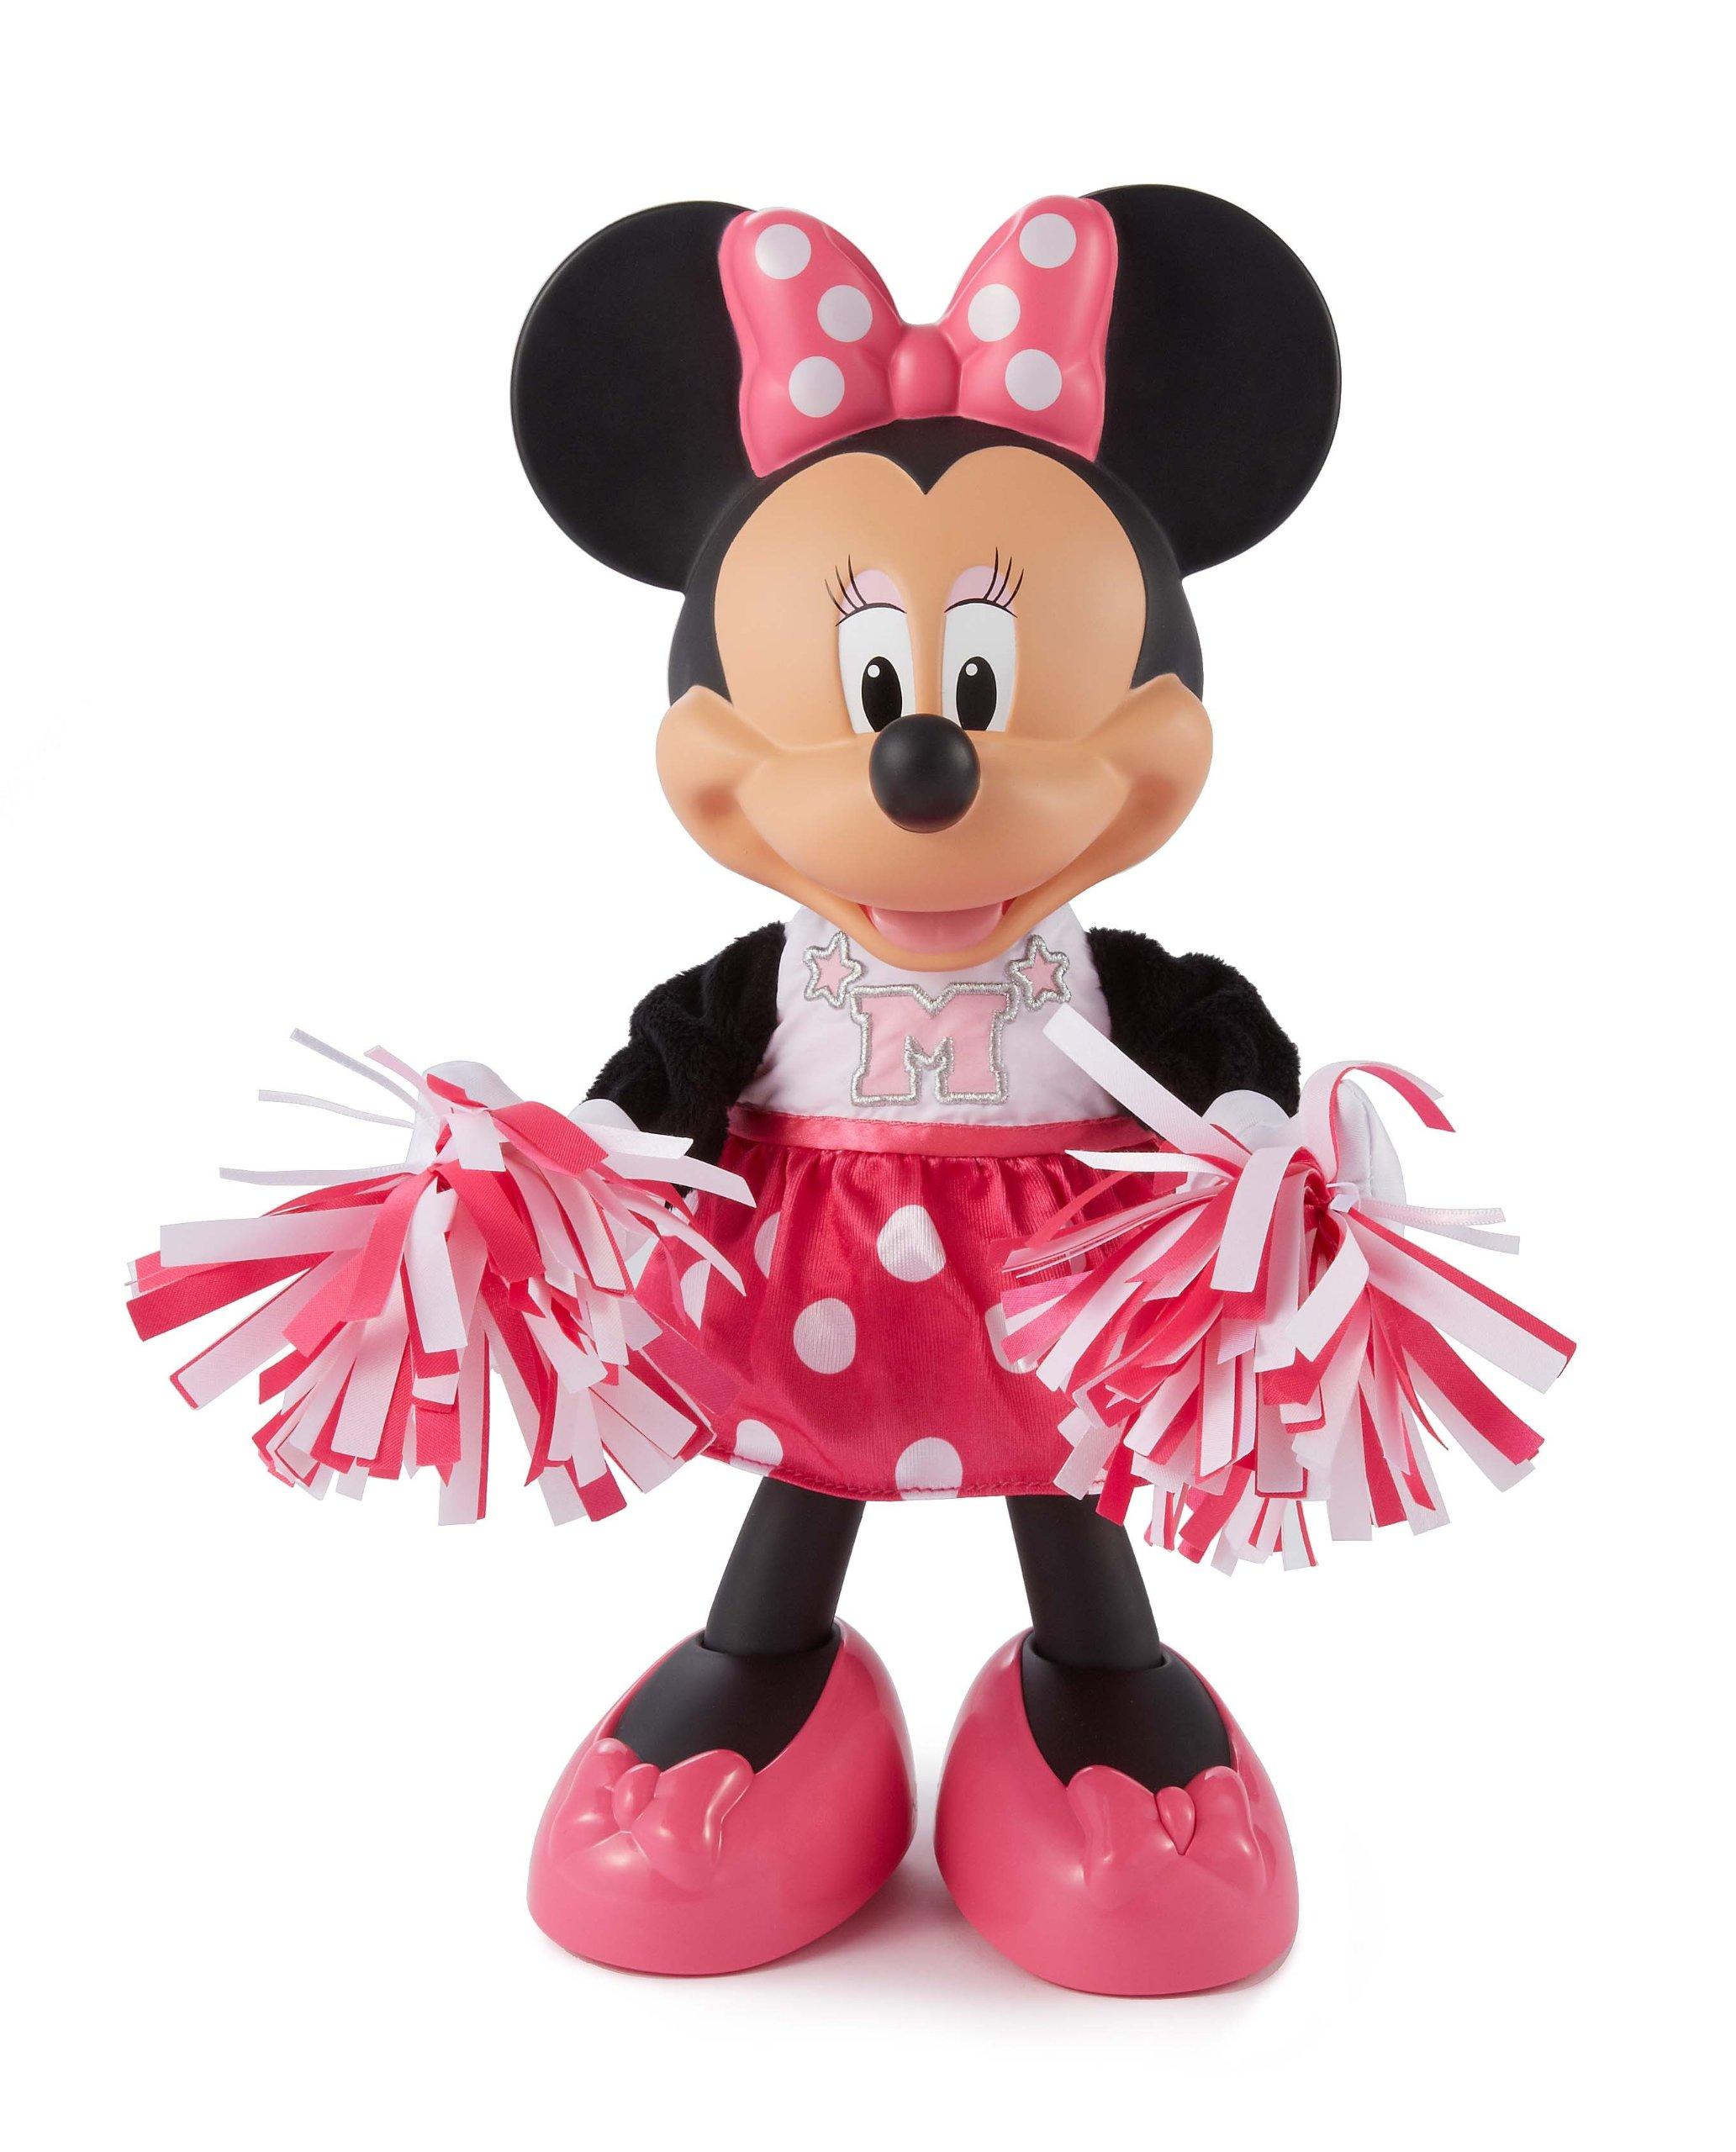 Fisher-Price Disney Minnie, Cheerin' Minnie